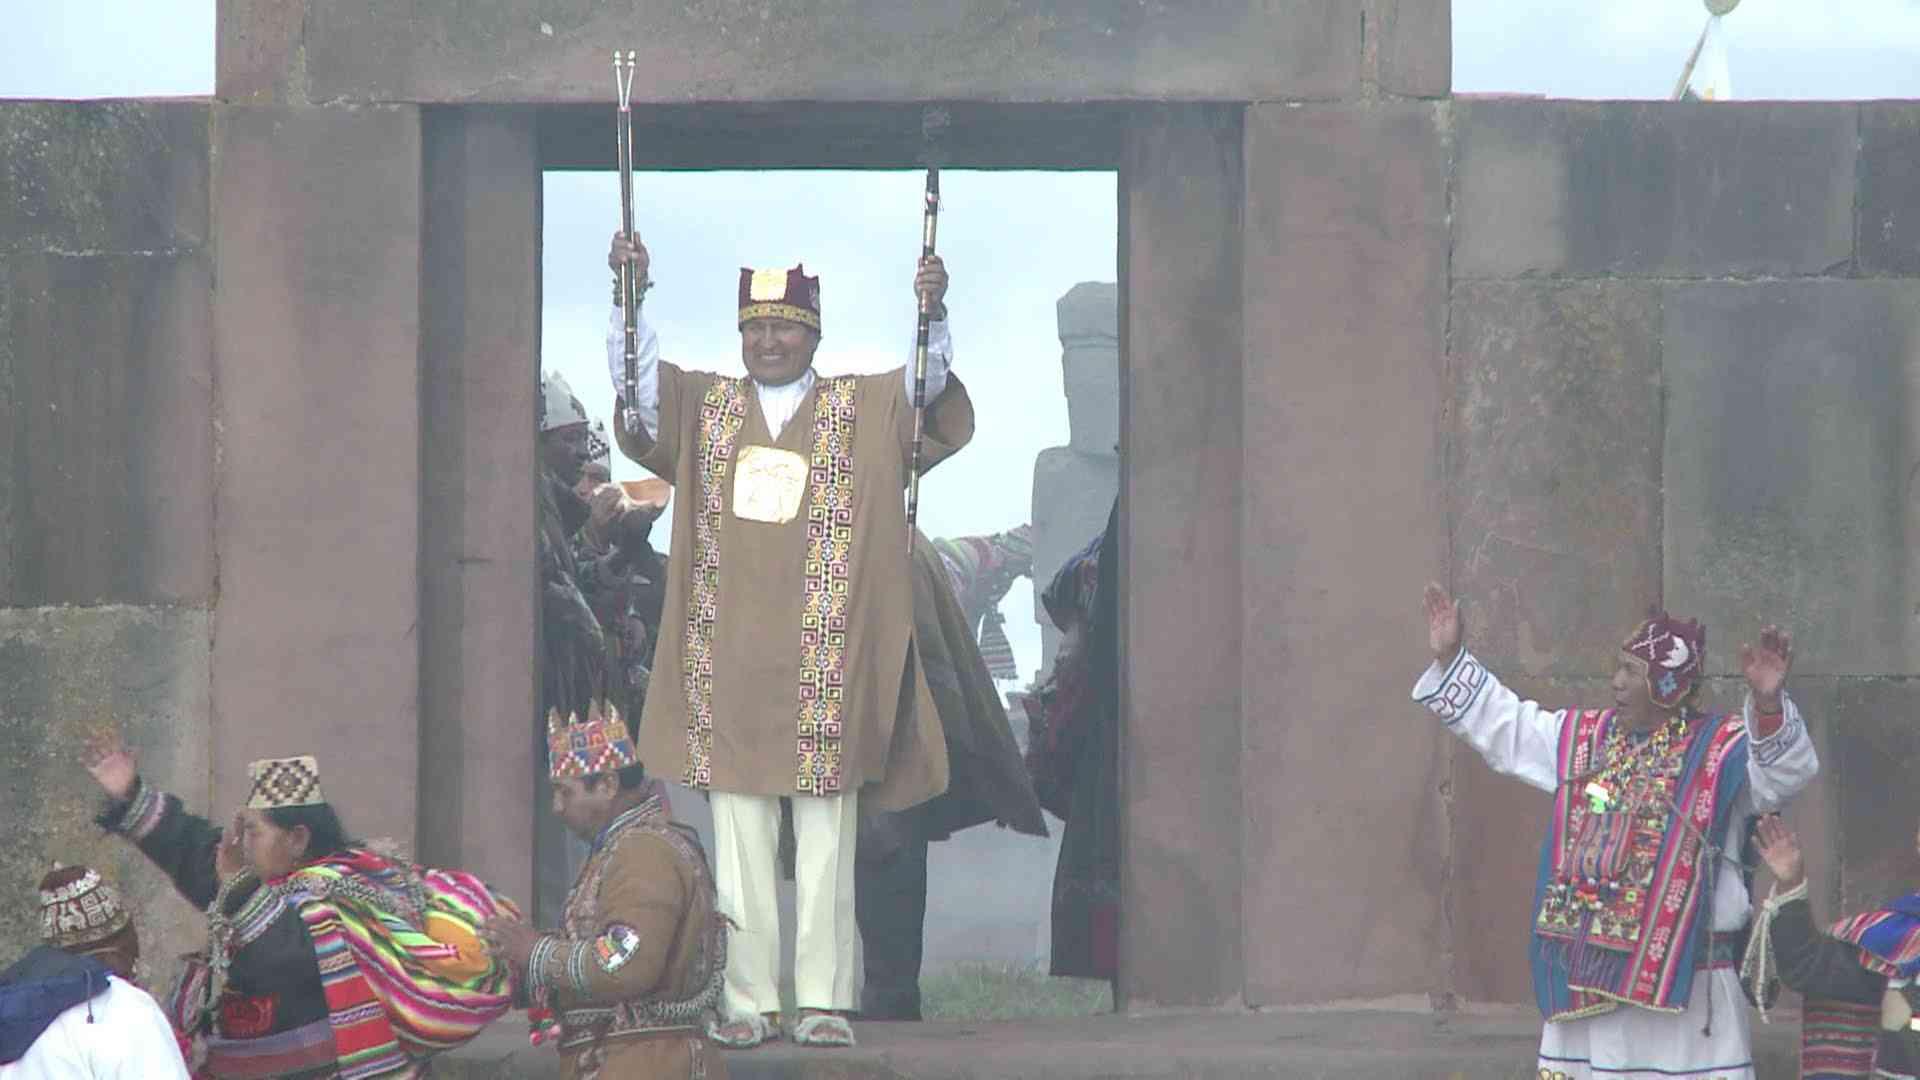 3選のボリビア大統領を先住民がお祝い Bolivia: President Evo Morales takes part in indigenous ceremony - YouTube